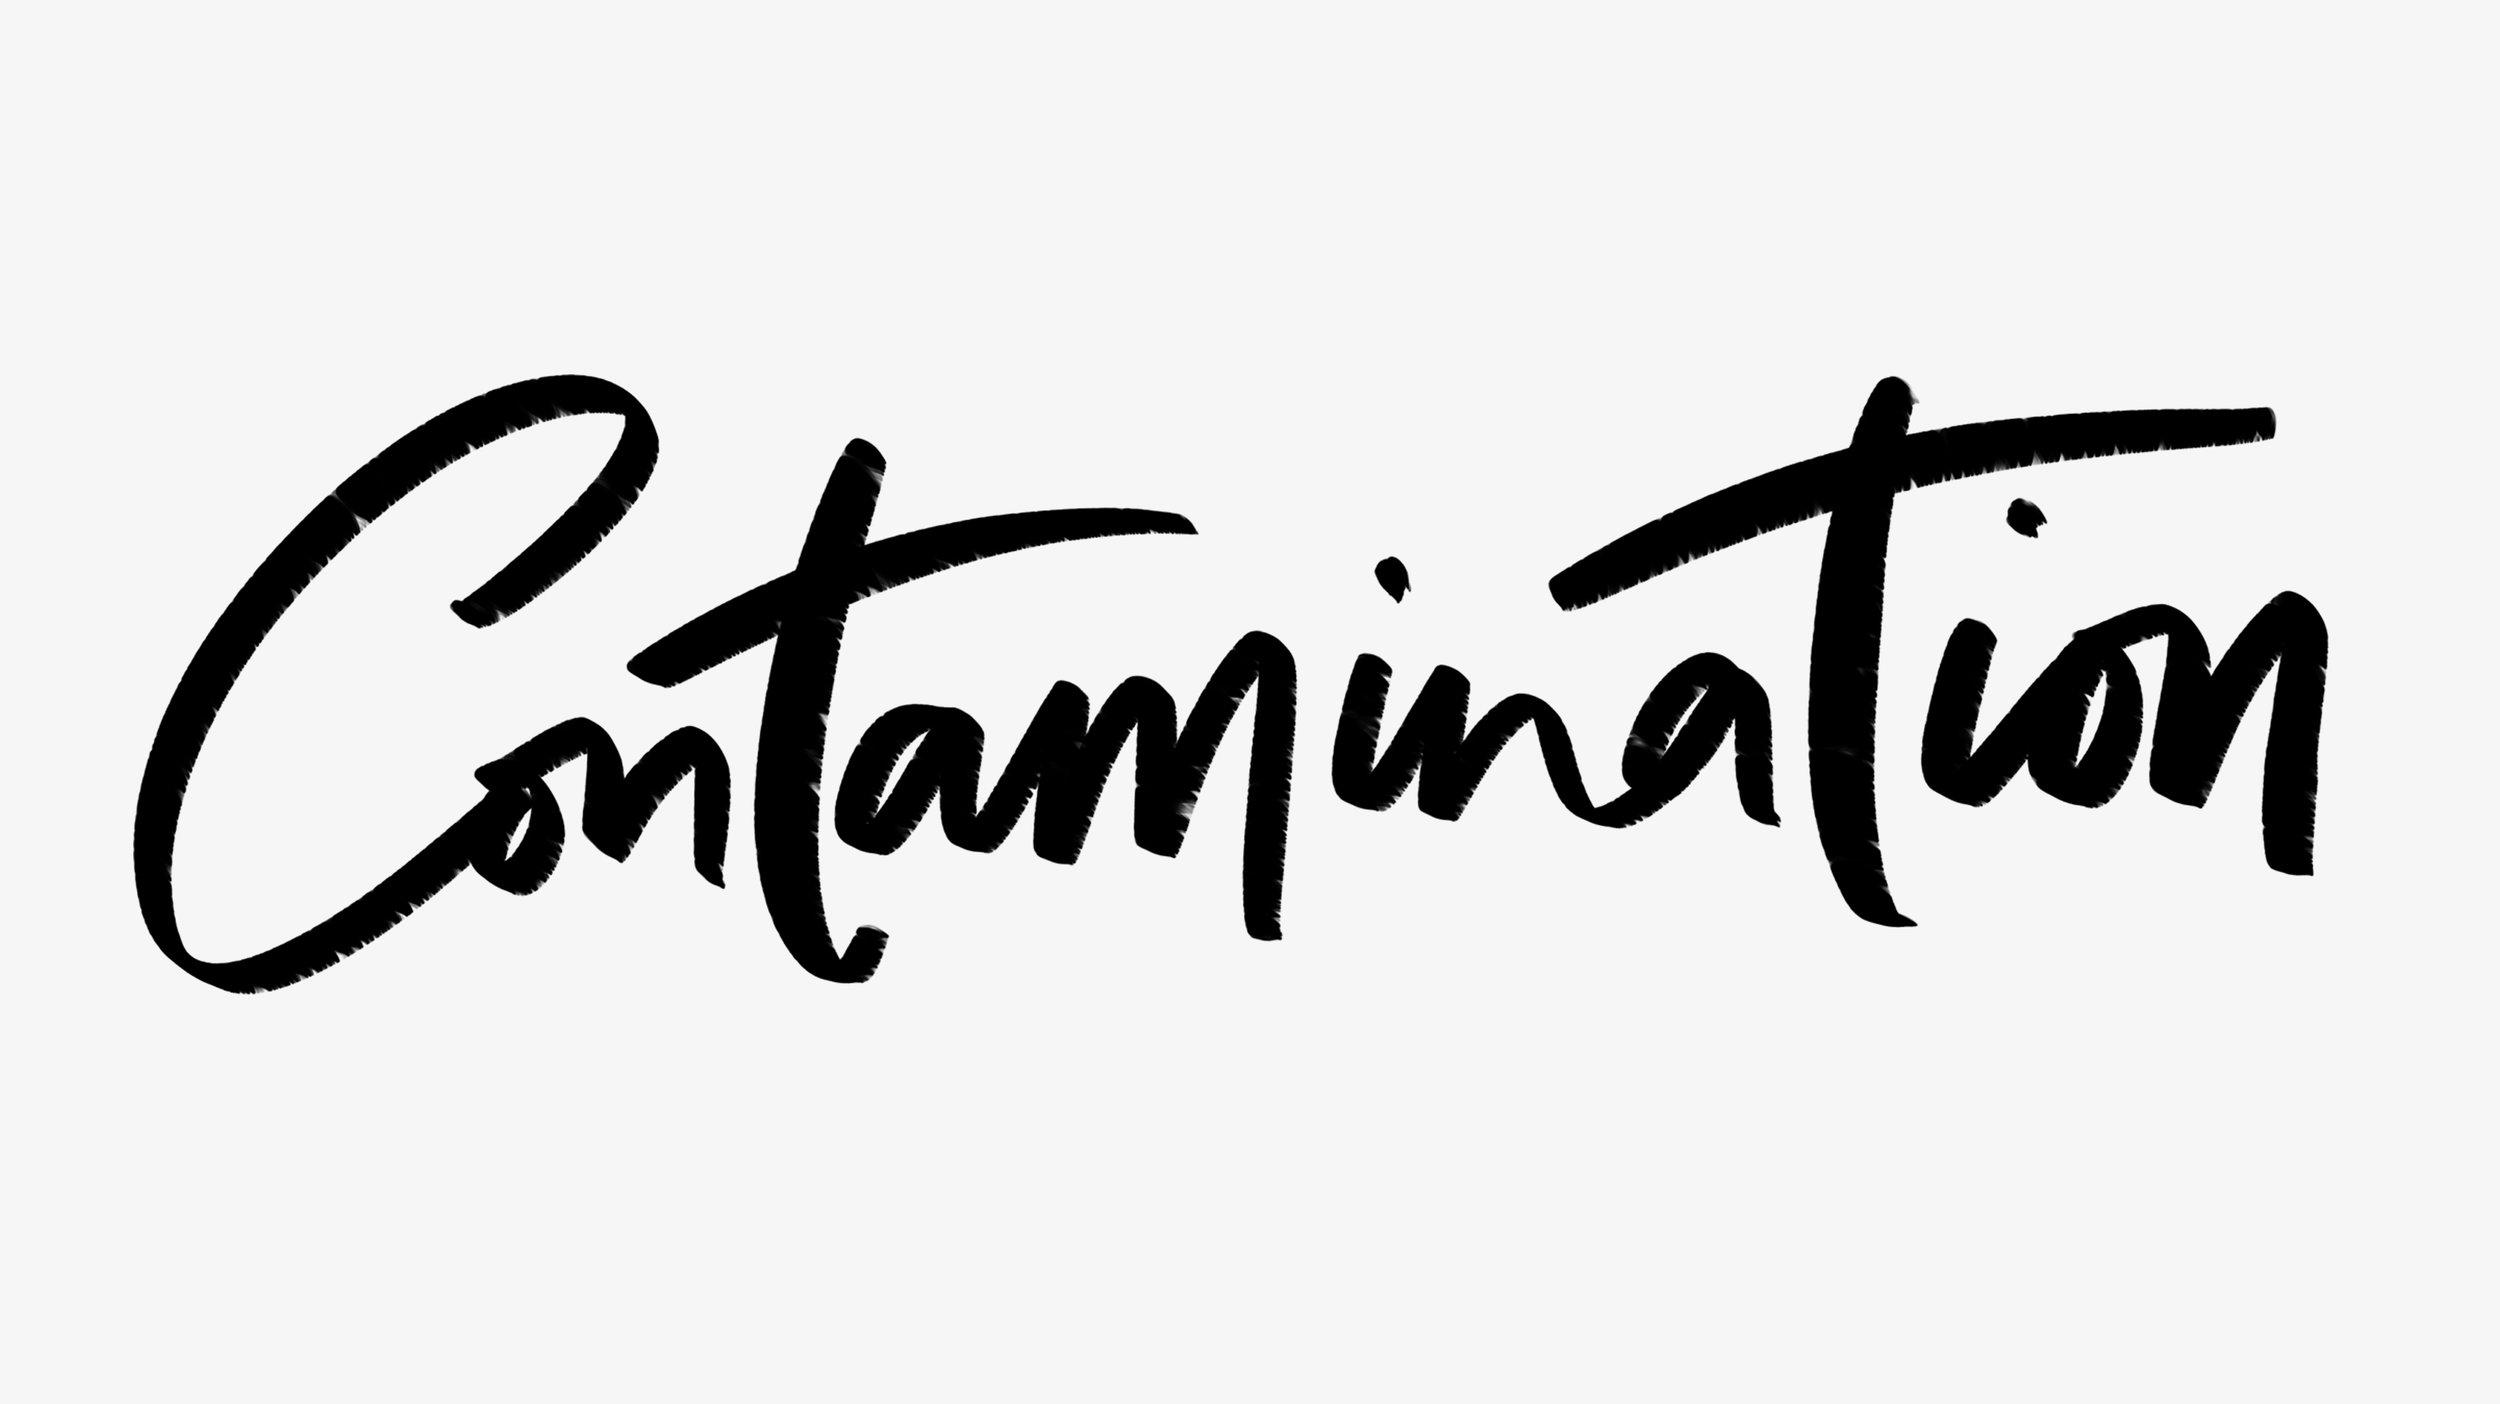 SC_Contamination.jpg